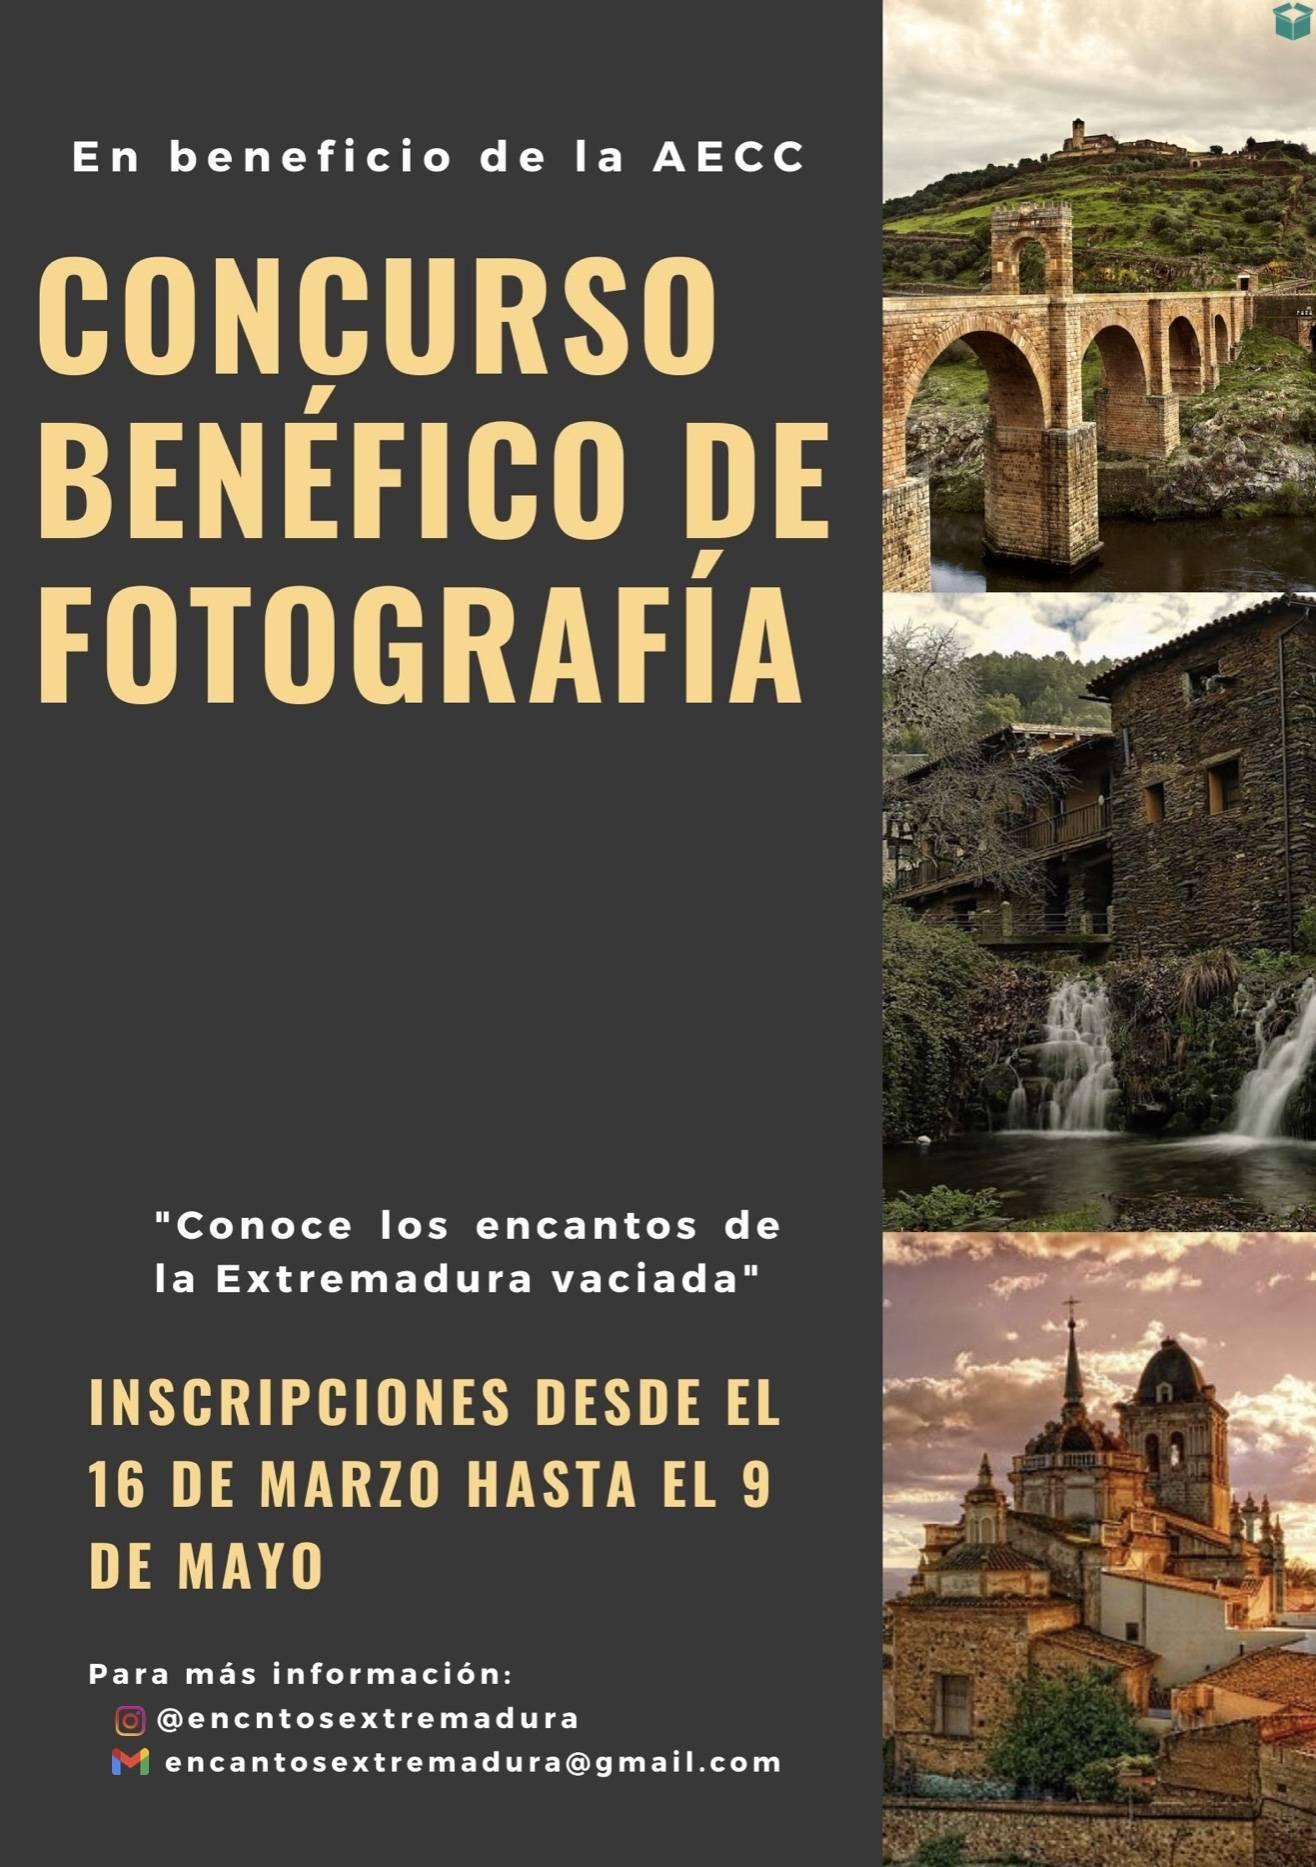 Se inicia el periodo de inscripción para el concurso benéfico de fotografía Conoce los encantos de la Extremadura vaciada (2021) 1